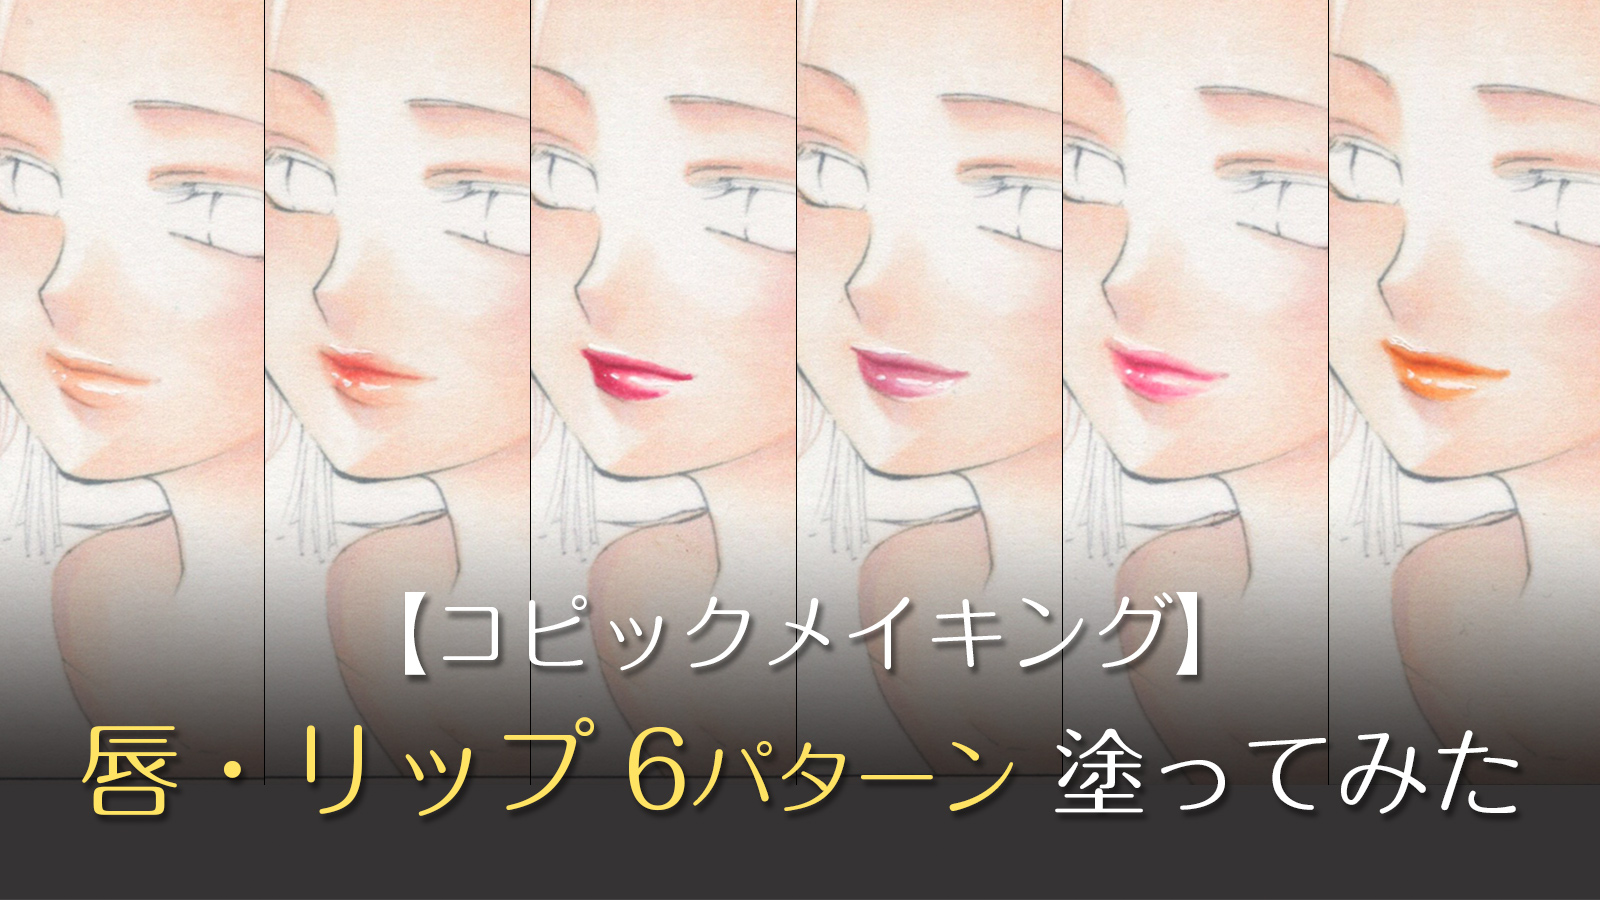 【コピック初心者向け】6種類の唇(リップ・口紅)塗り方・おすすめ色番号(動画あり)